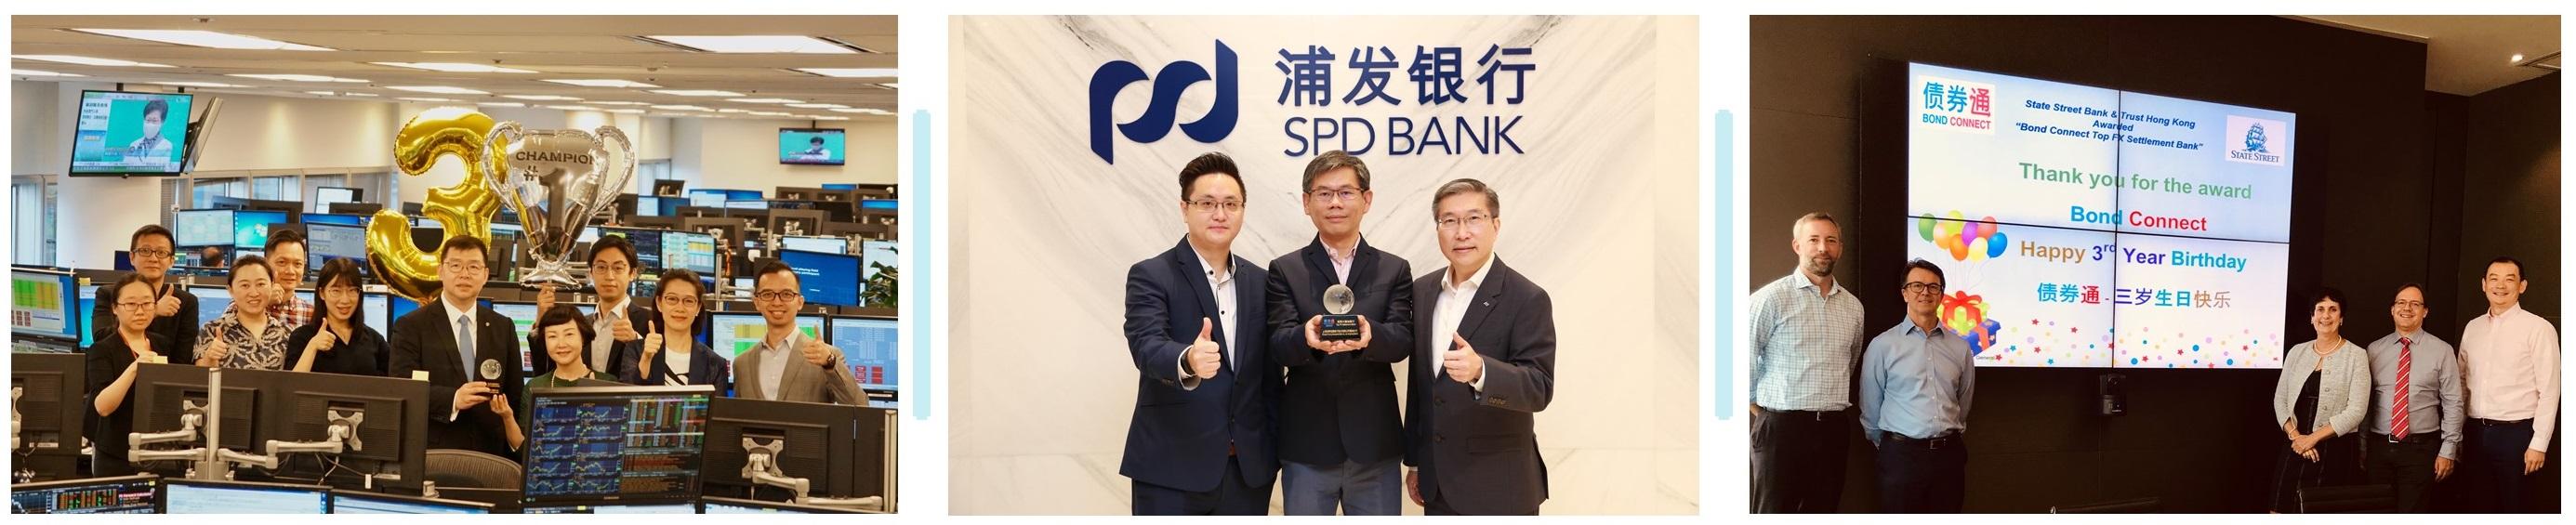 BC Top FX Settlement Bank